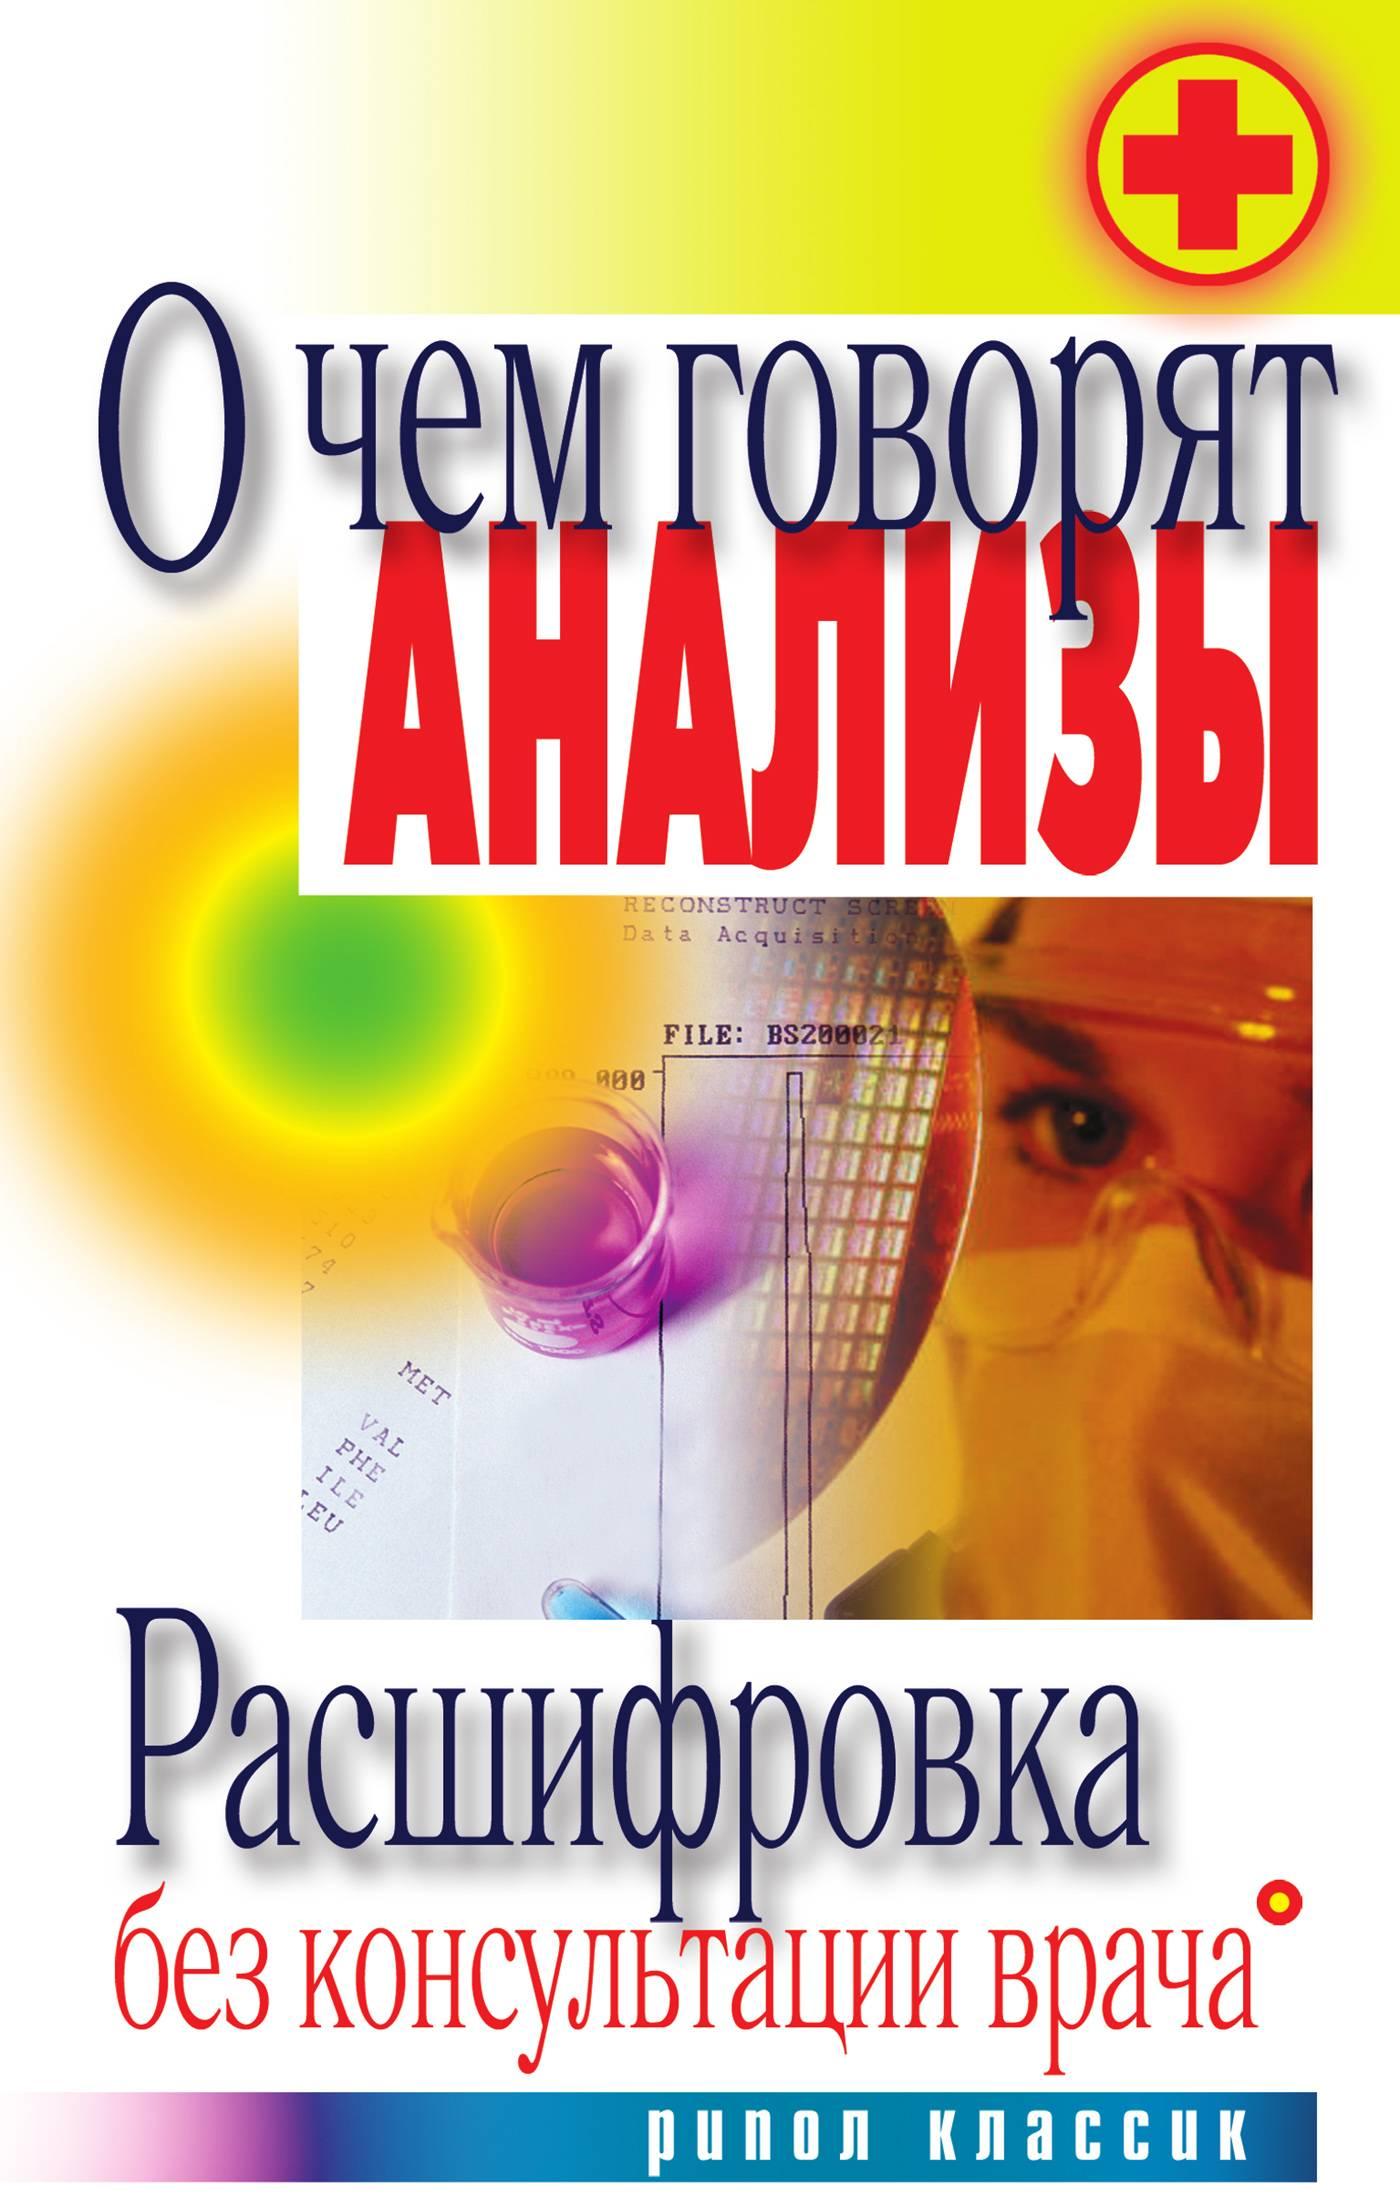 Венерологические анализы в москве